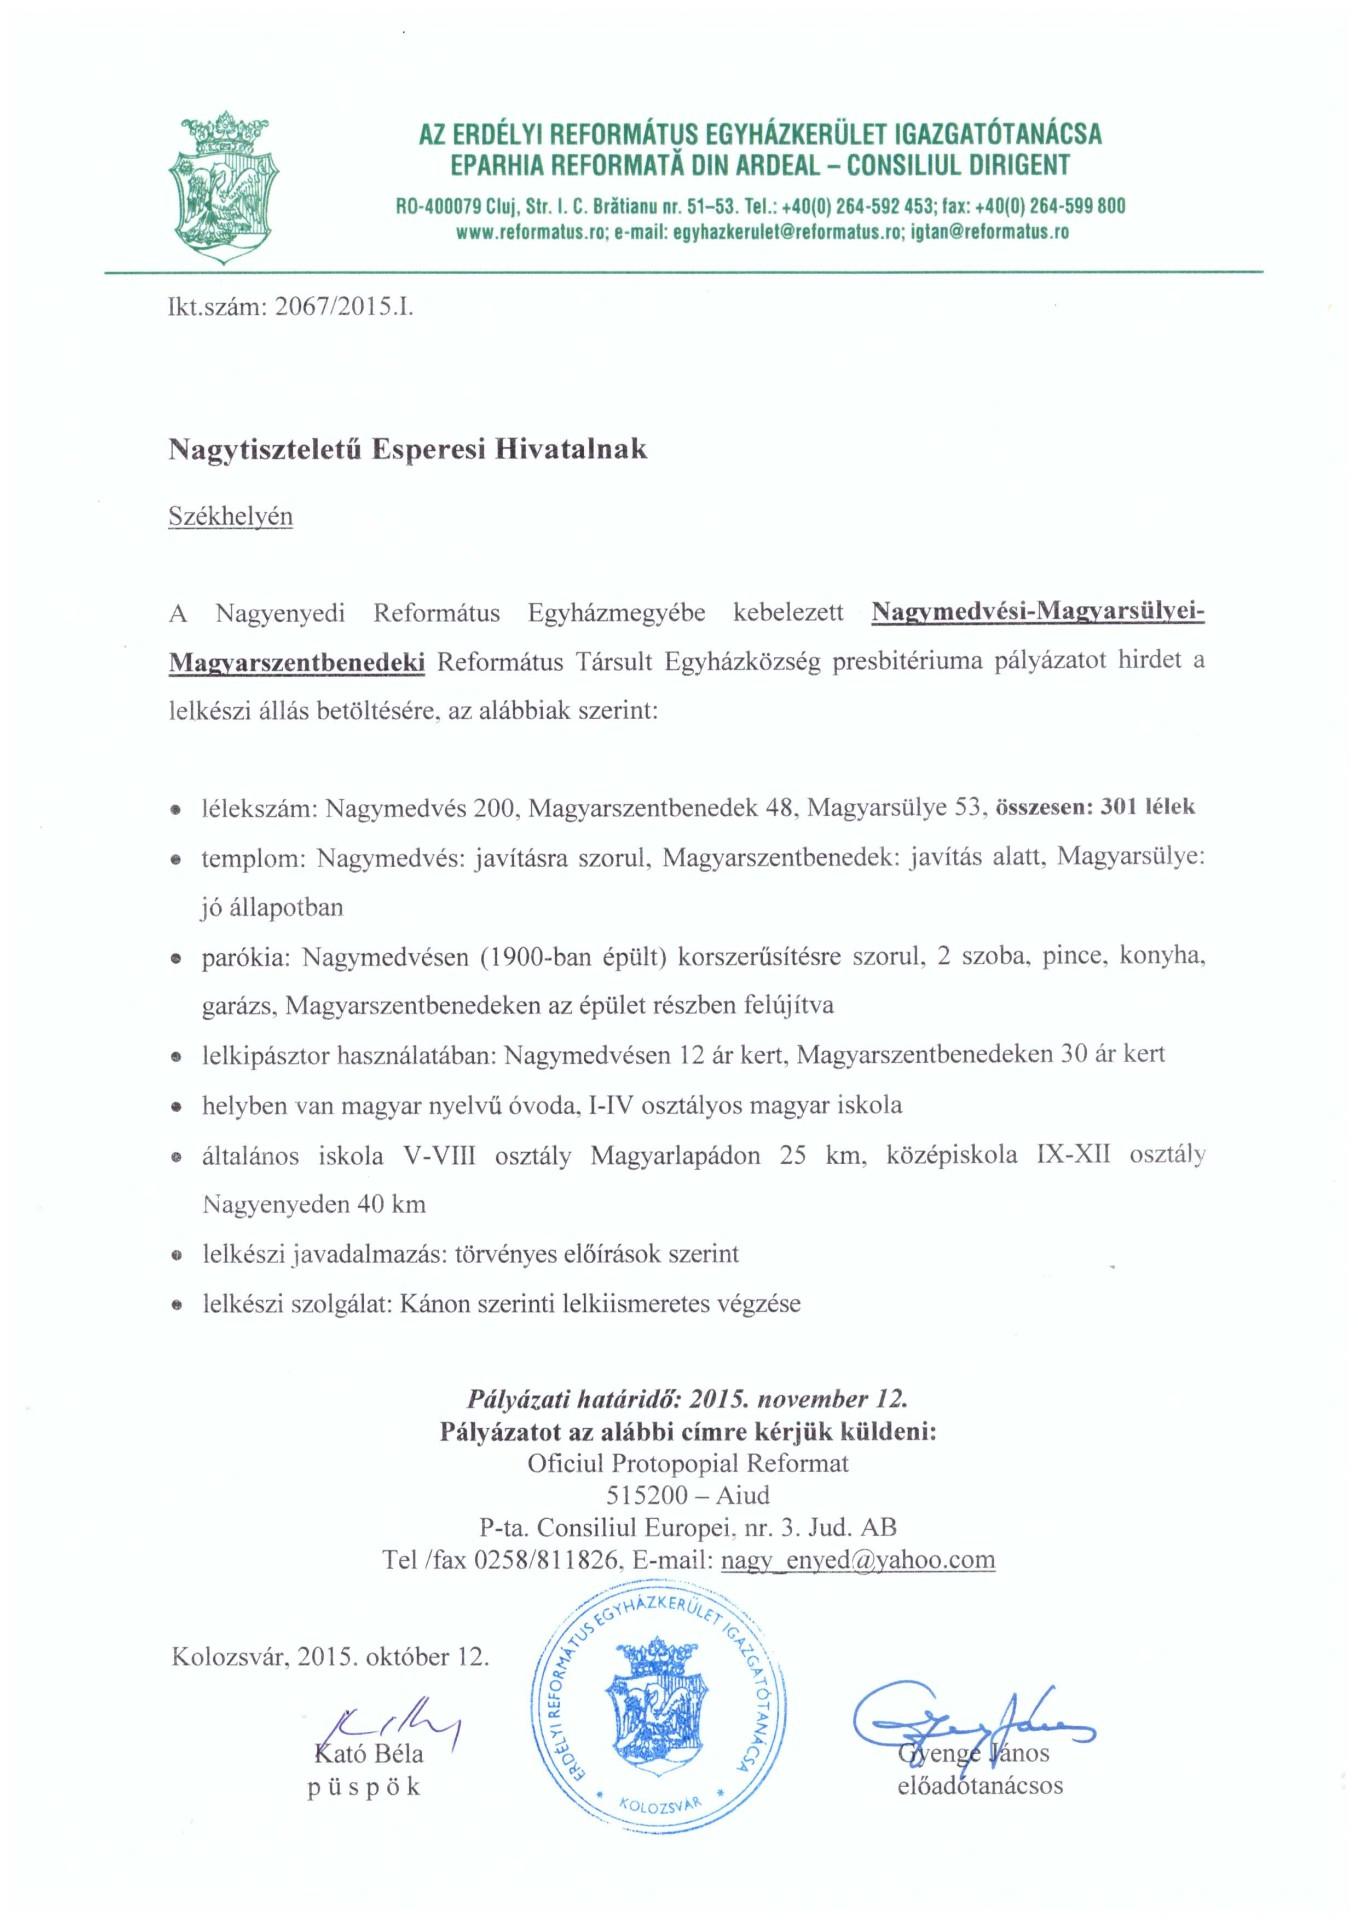 Pályázat - Nagymedvés, Magyarsülye, Magyarszentbenedek